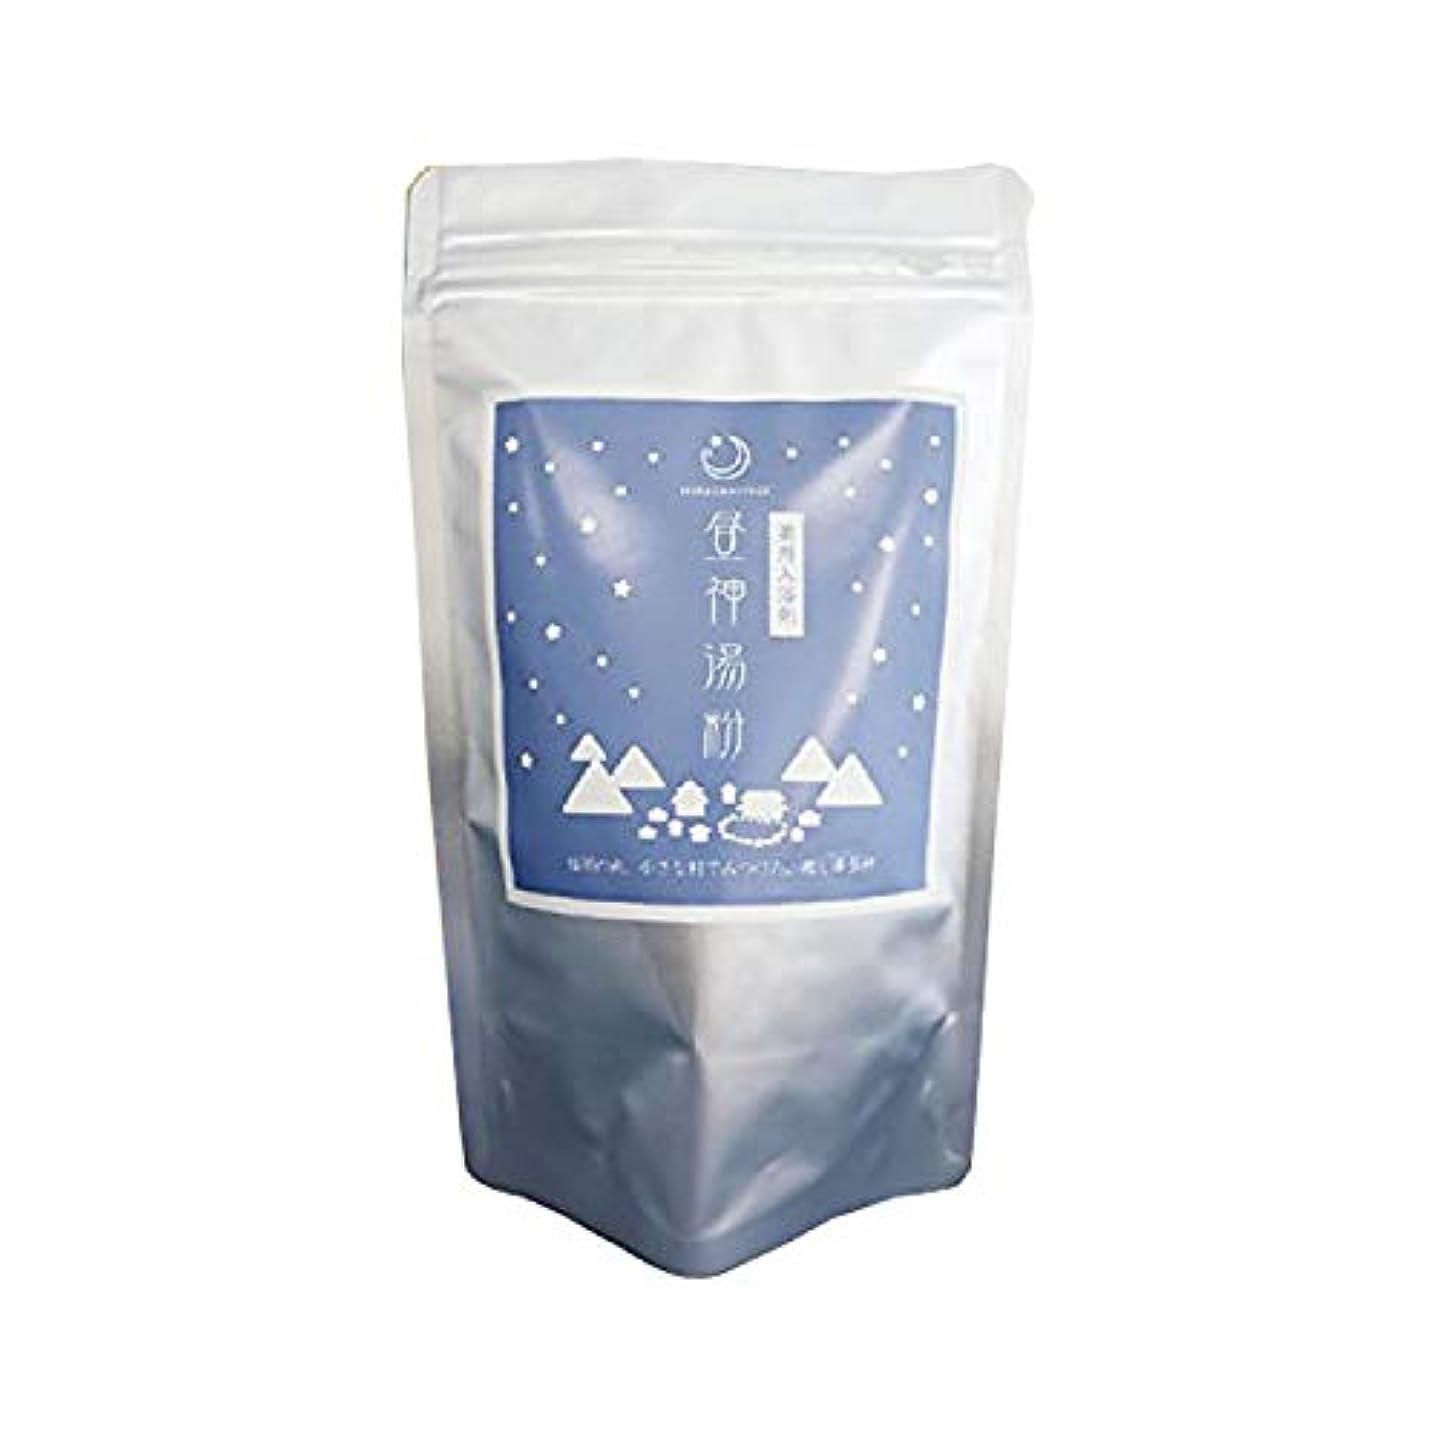 届ける解凍する、雪解け、霜解けバッジ【詰め替え用】昼神の湯 薬用入浴剤